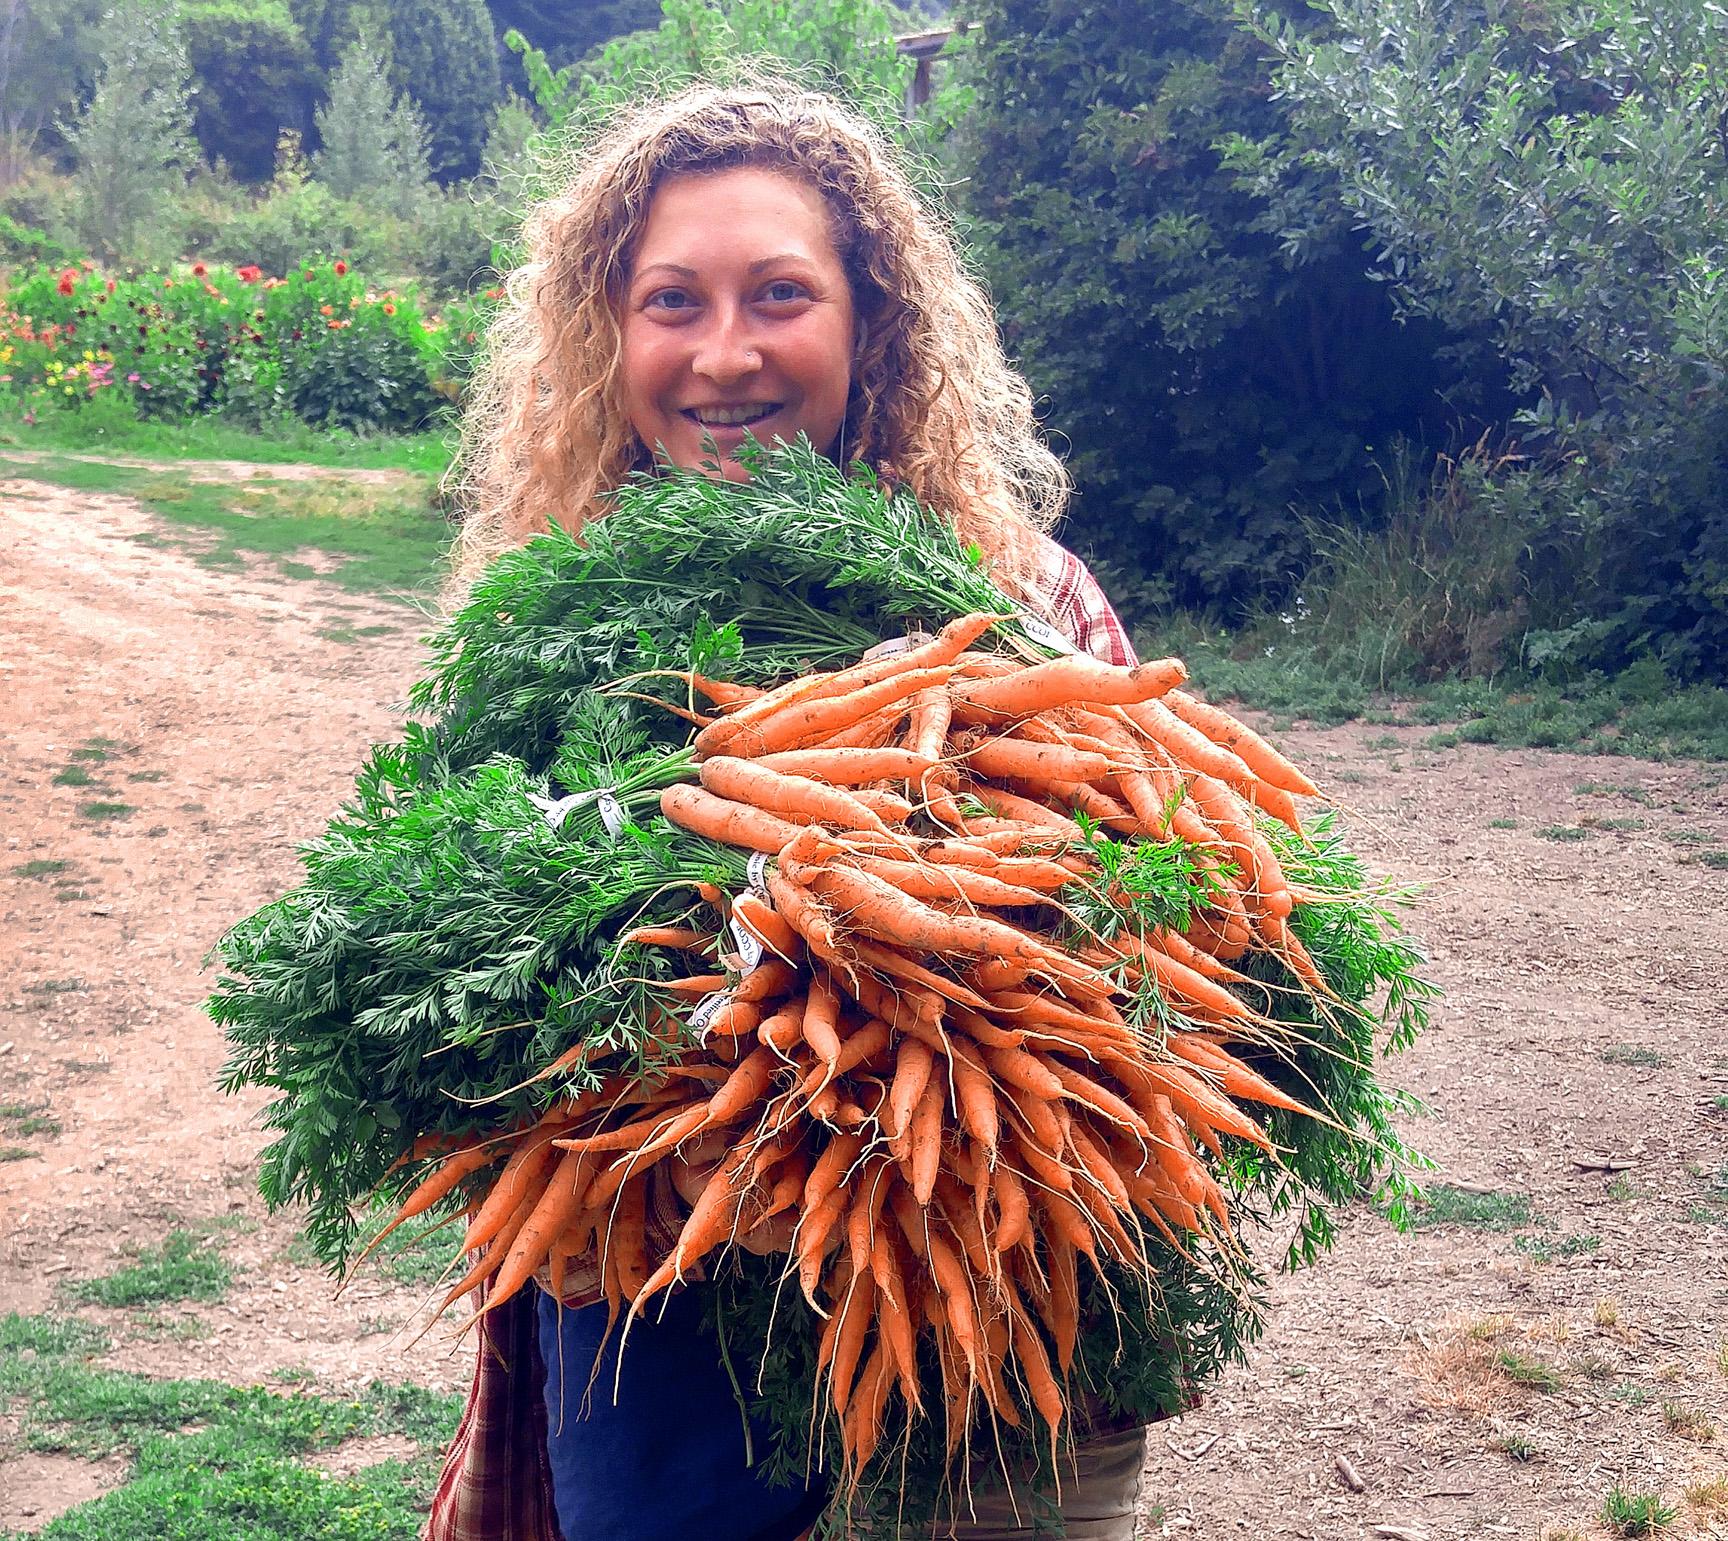 Samantha levine oz farm 02 24x charlebois